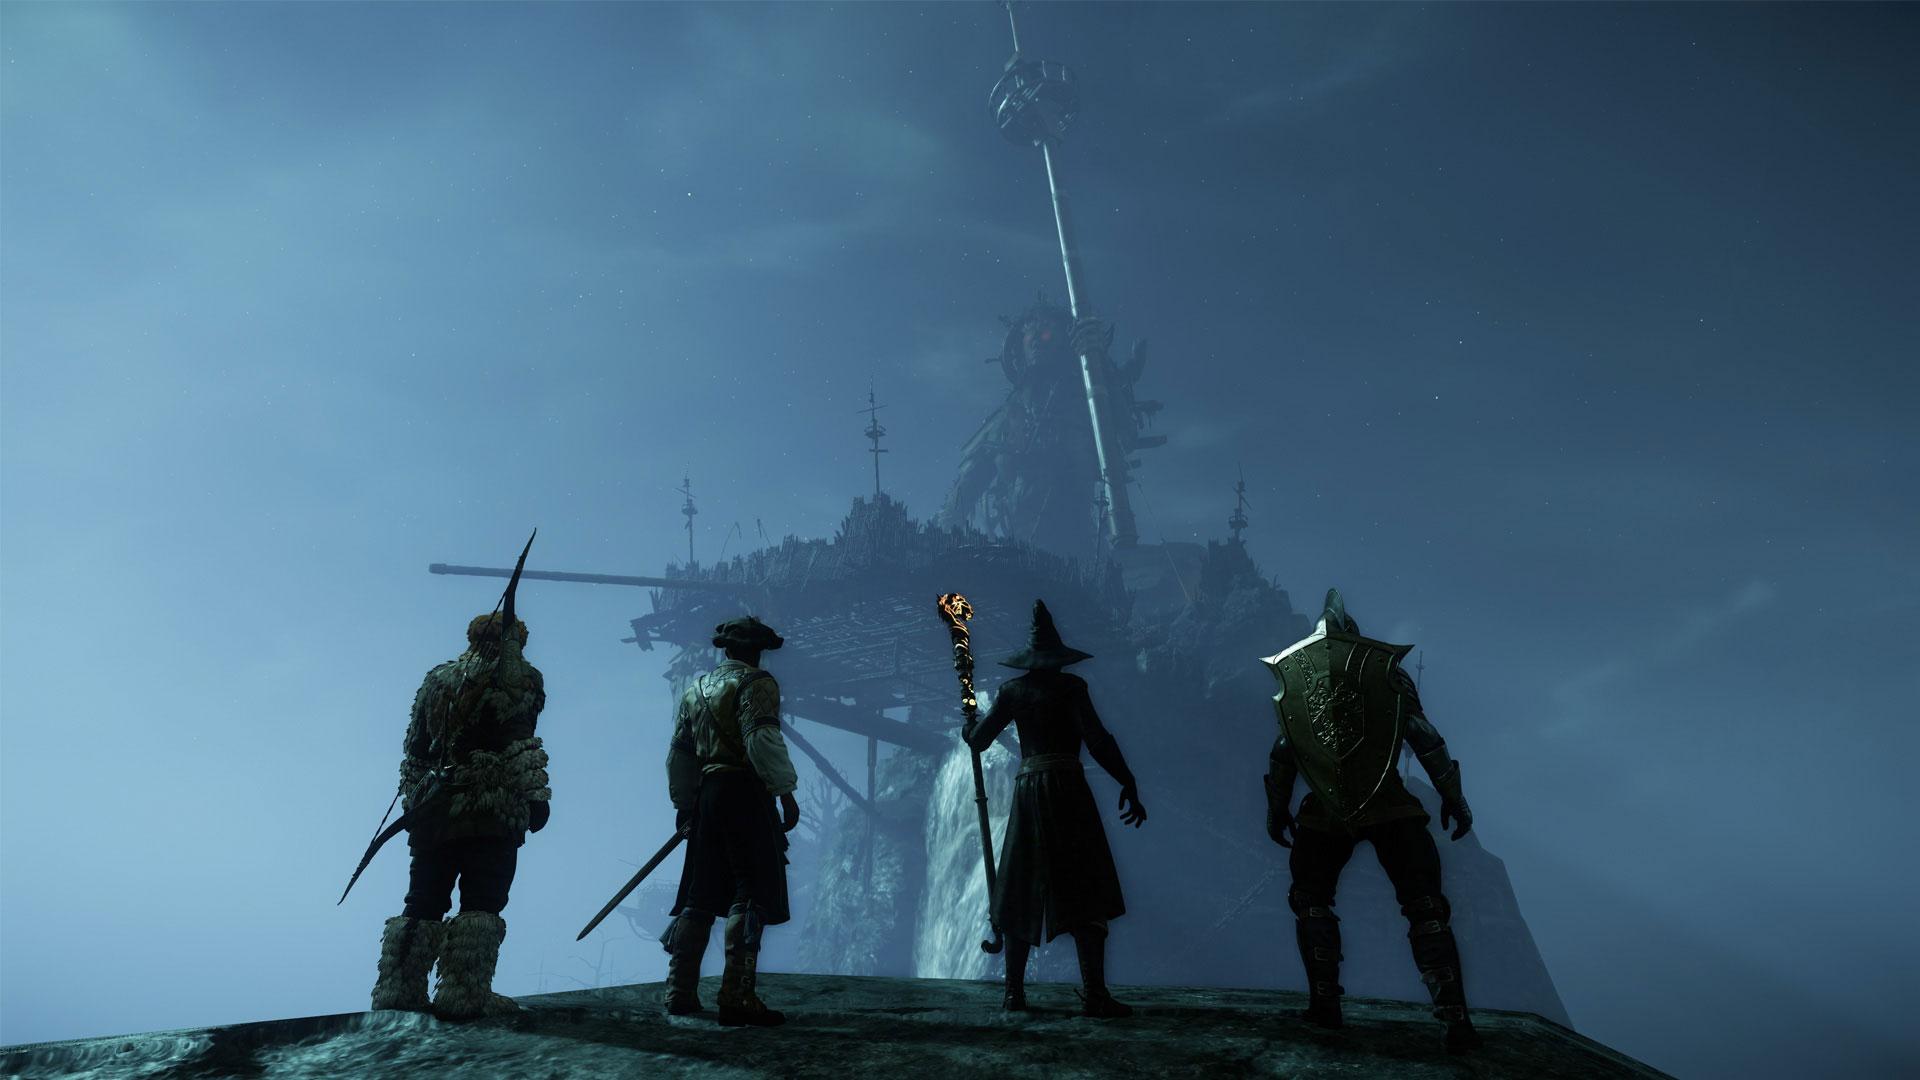 Еженедельный чарт Steam: New World укрепила свои позиции  теперь она занимает четыре места из десяти